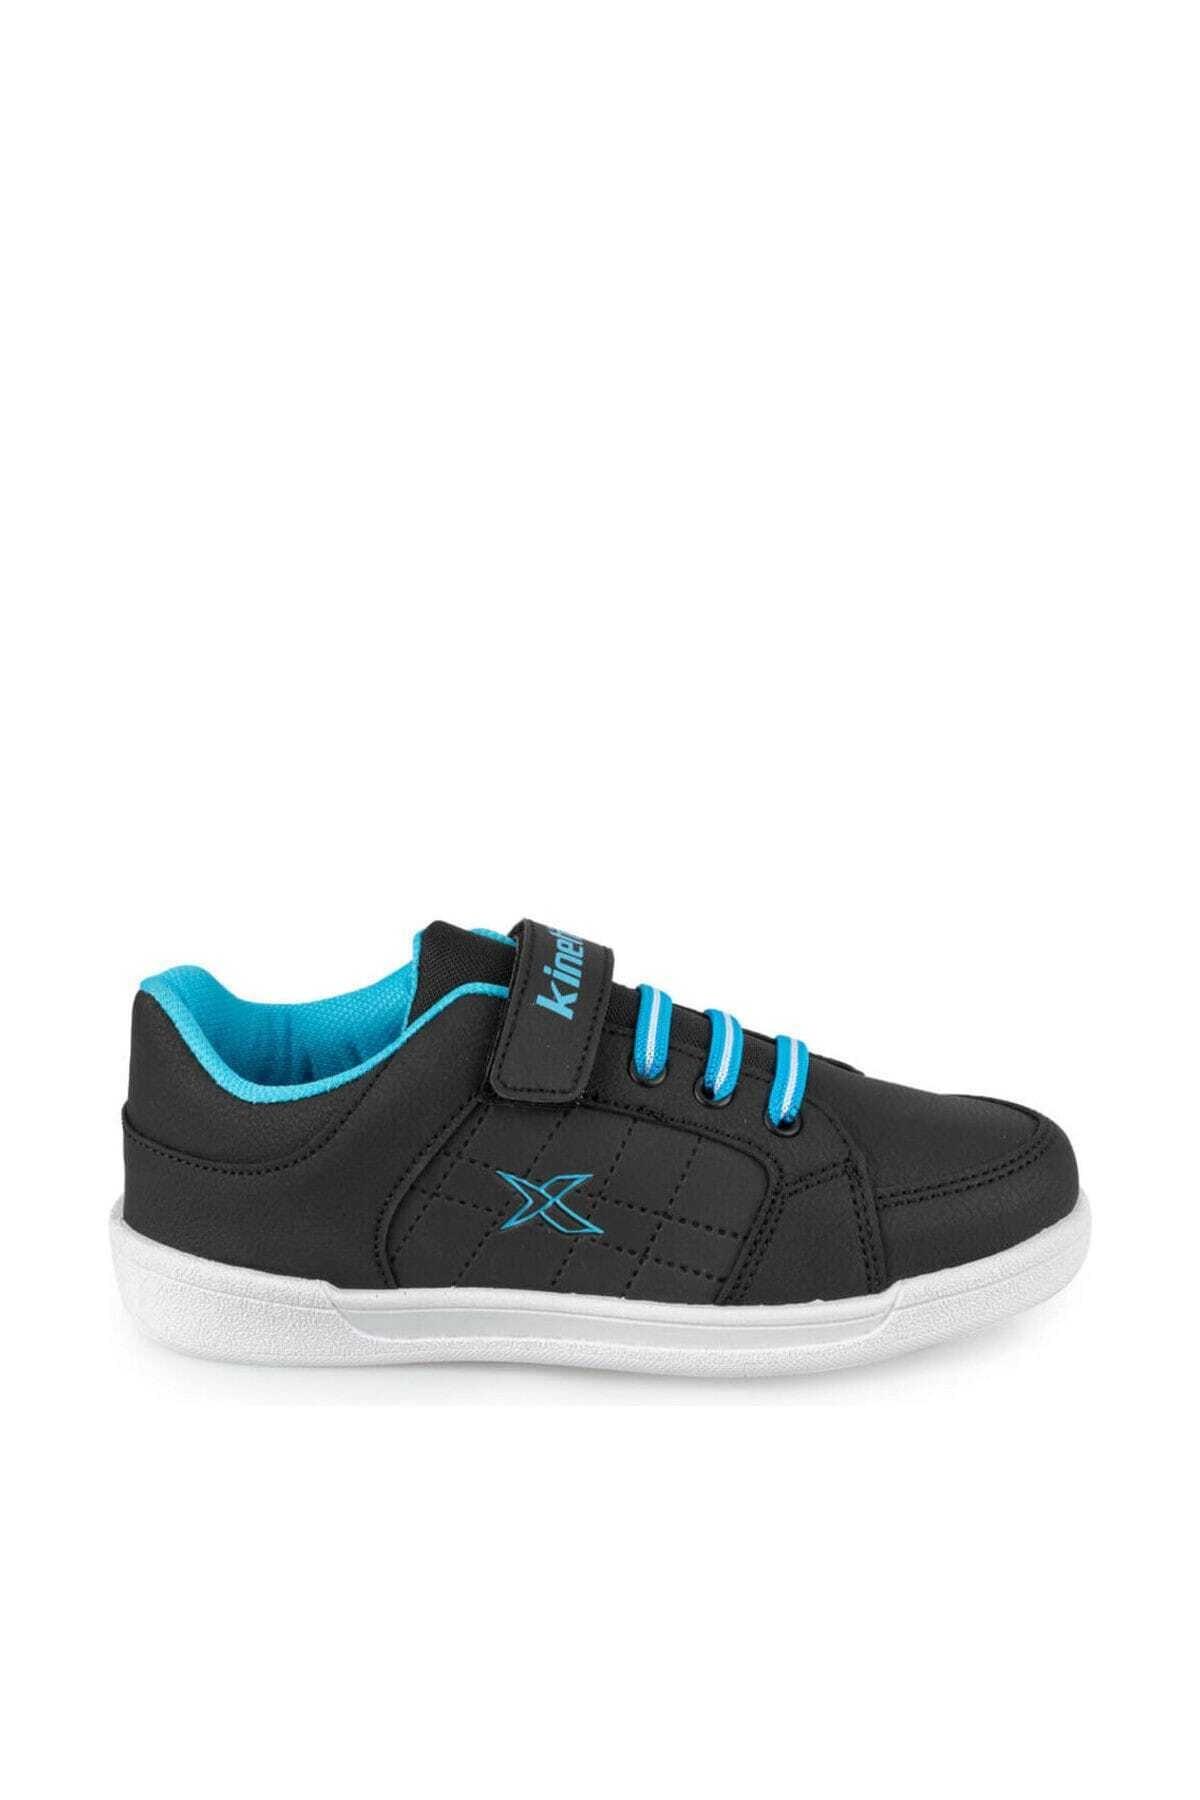 Kinetix Lenko Pu 9pr Siyah Erkek Çocuk Ayakkabı 2